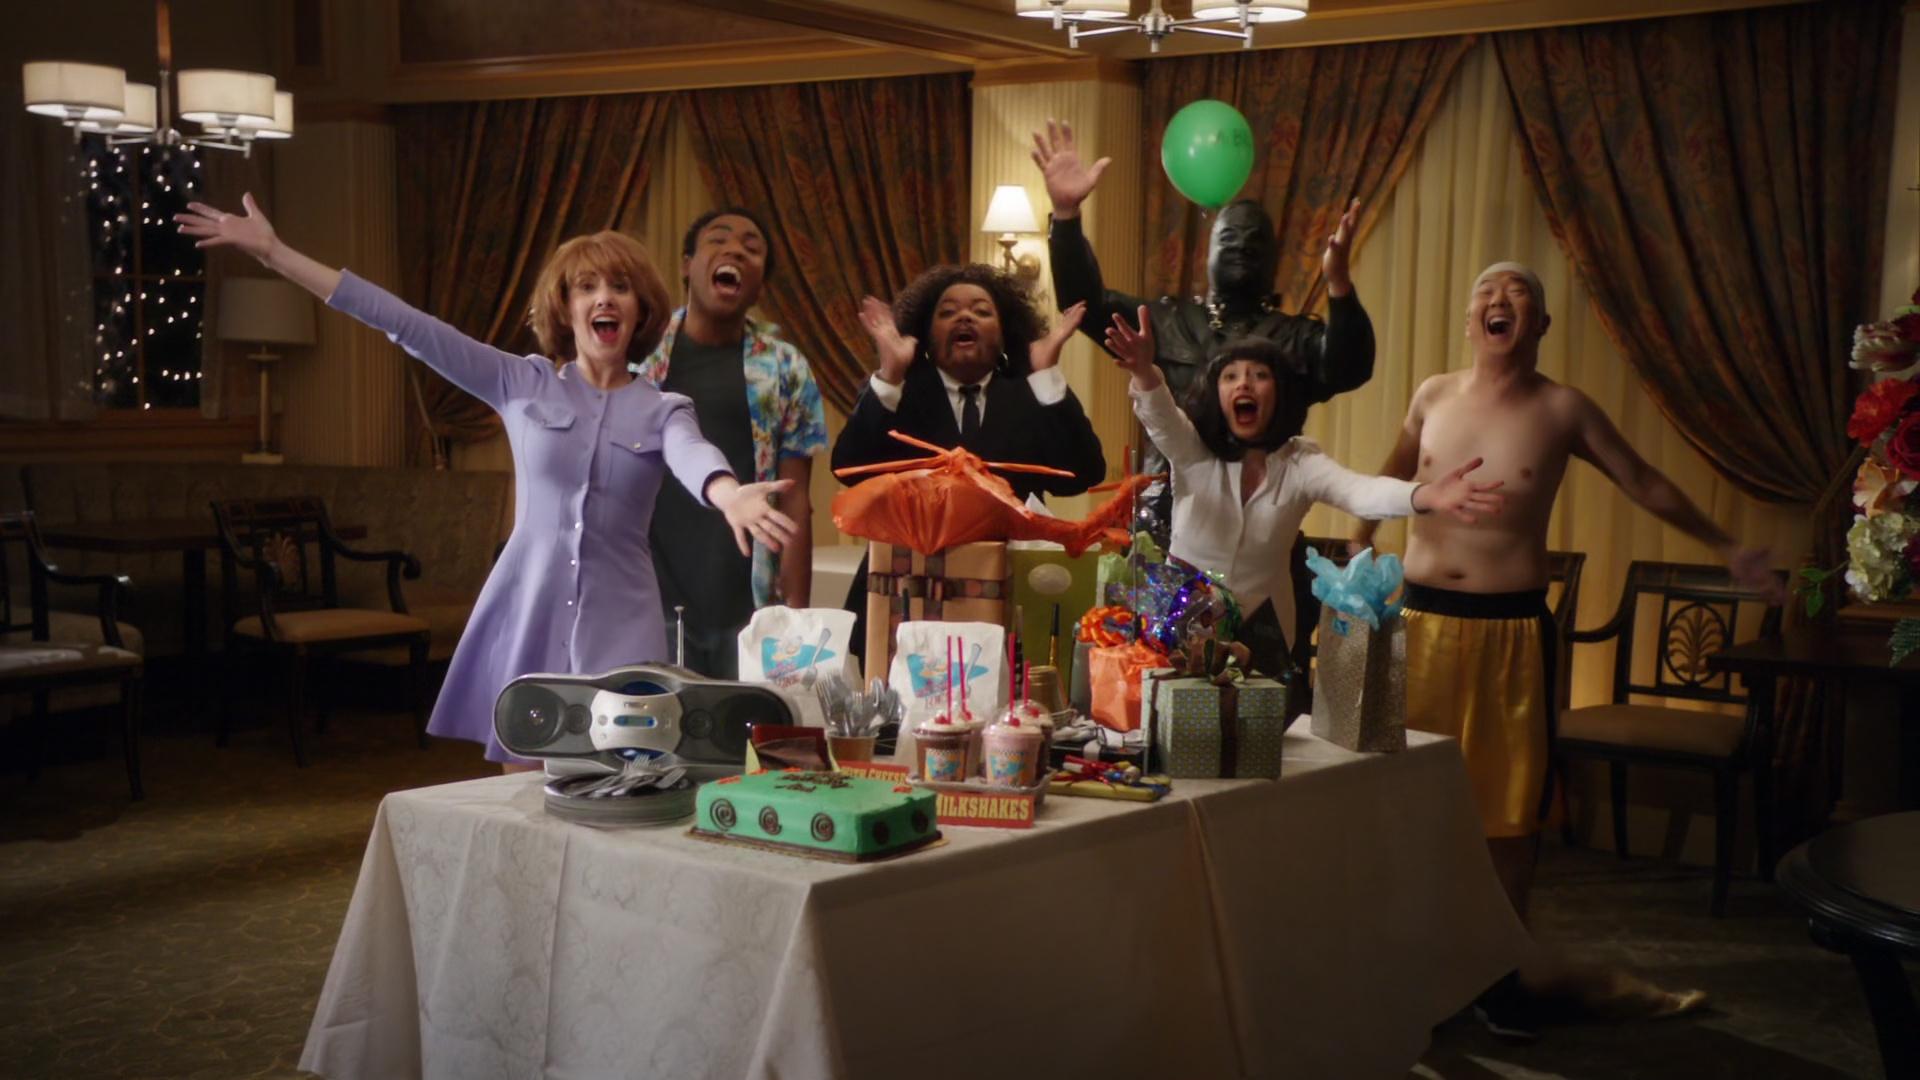 File:2x19-Surprise party 2.jpg